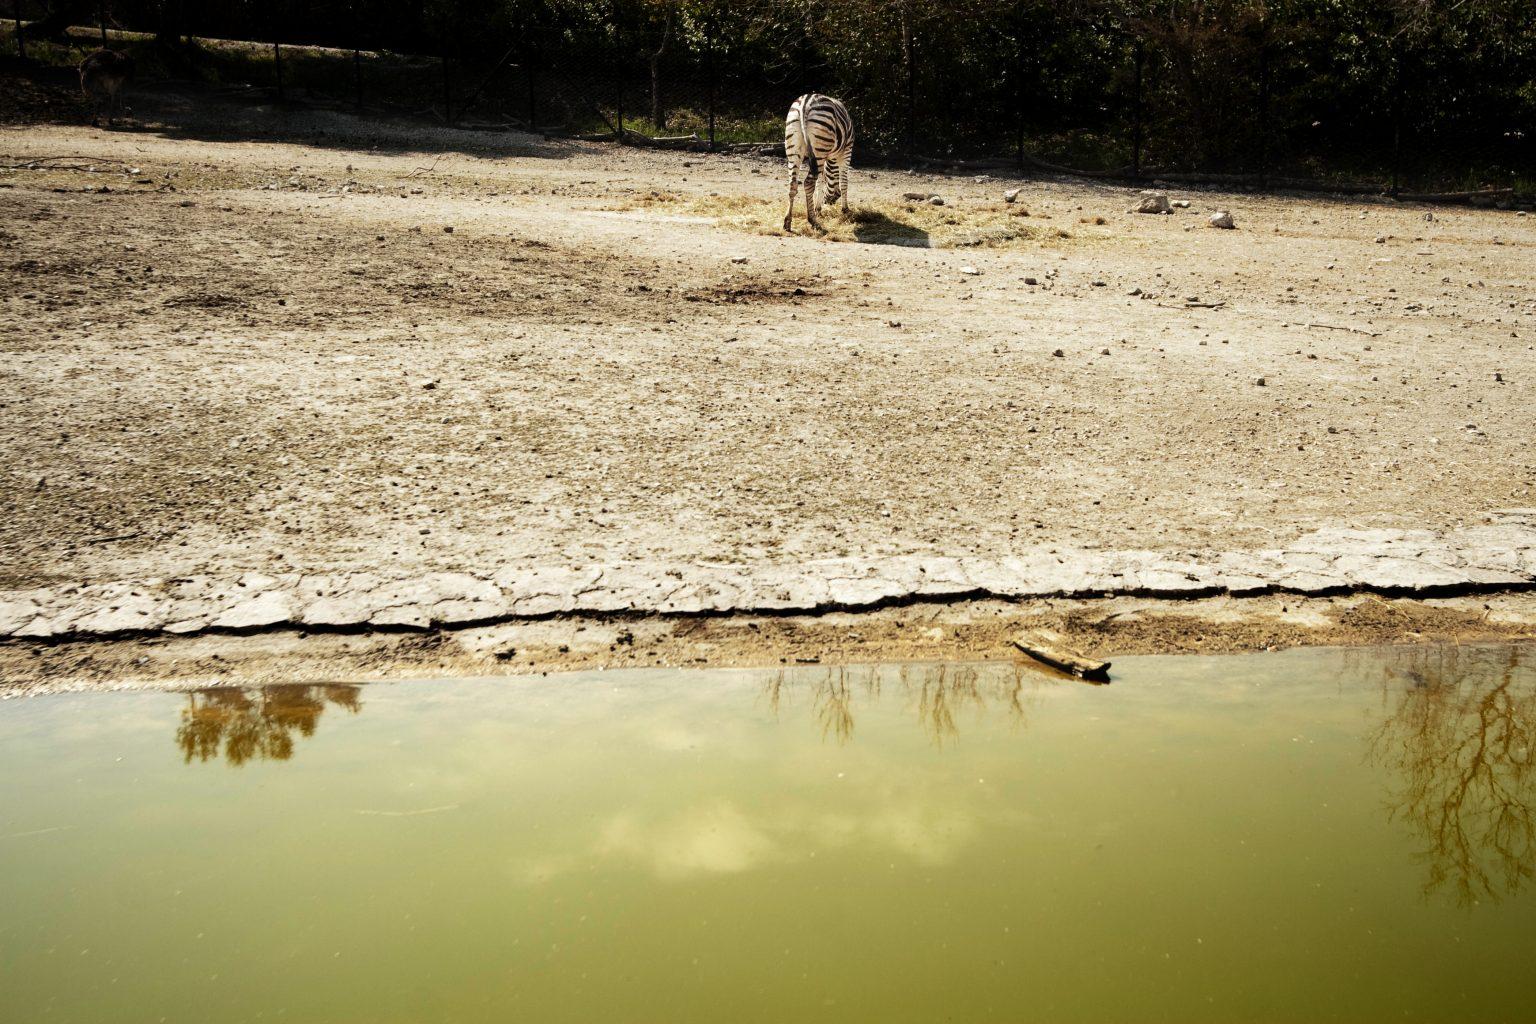 Falconara Marittima (Ancona - Italy), March 2012 - Parco Zoo Falconara (zoological garden), zebra. >< Falconara Marittima (Ancona ), marzo 2012 - Parco Zoo Falconara (giardino zoologico), zebra.